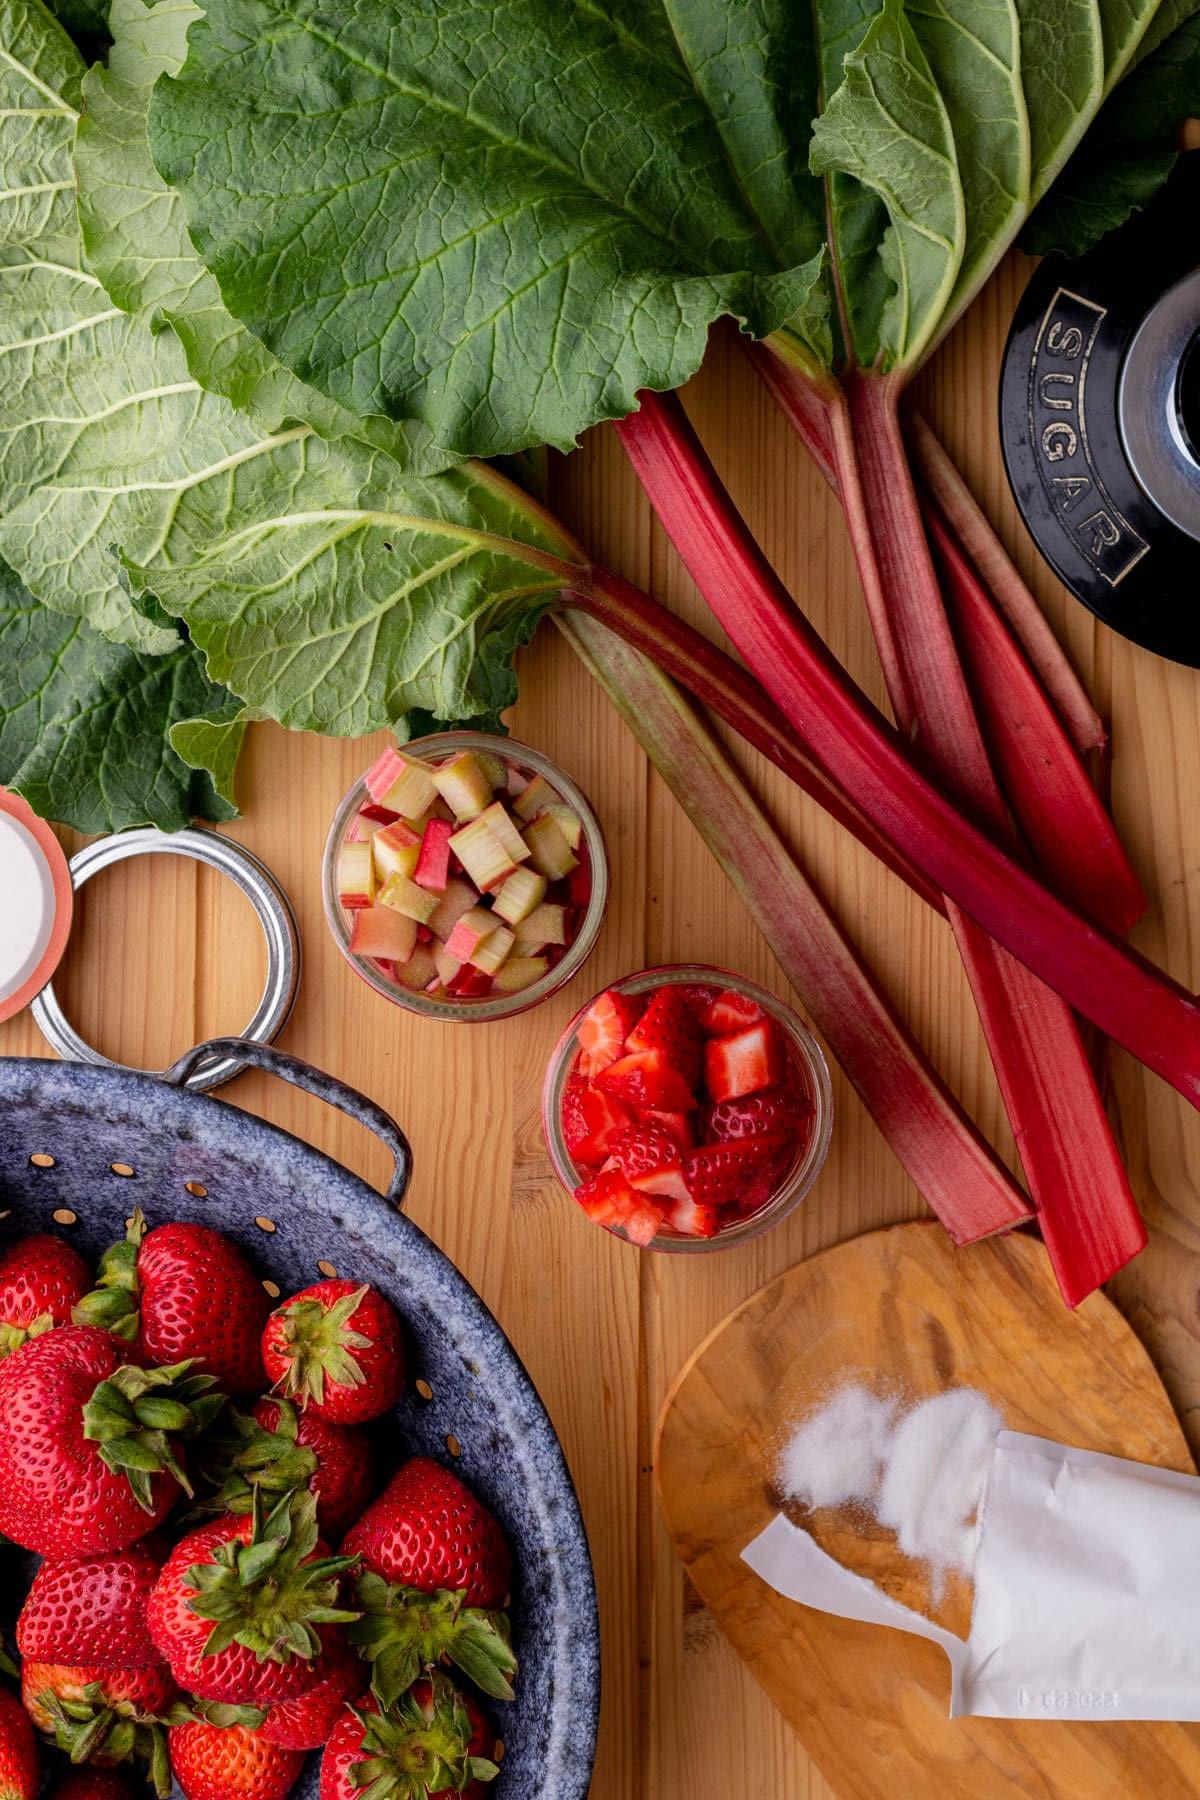 Ingredients used in making Strawberry Rhubarb Jam.